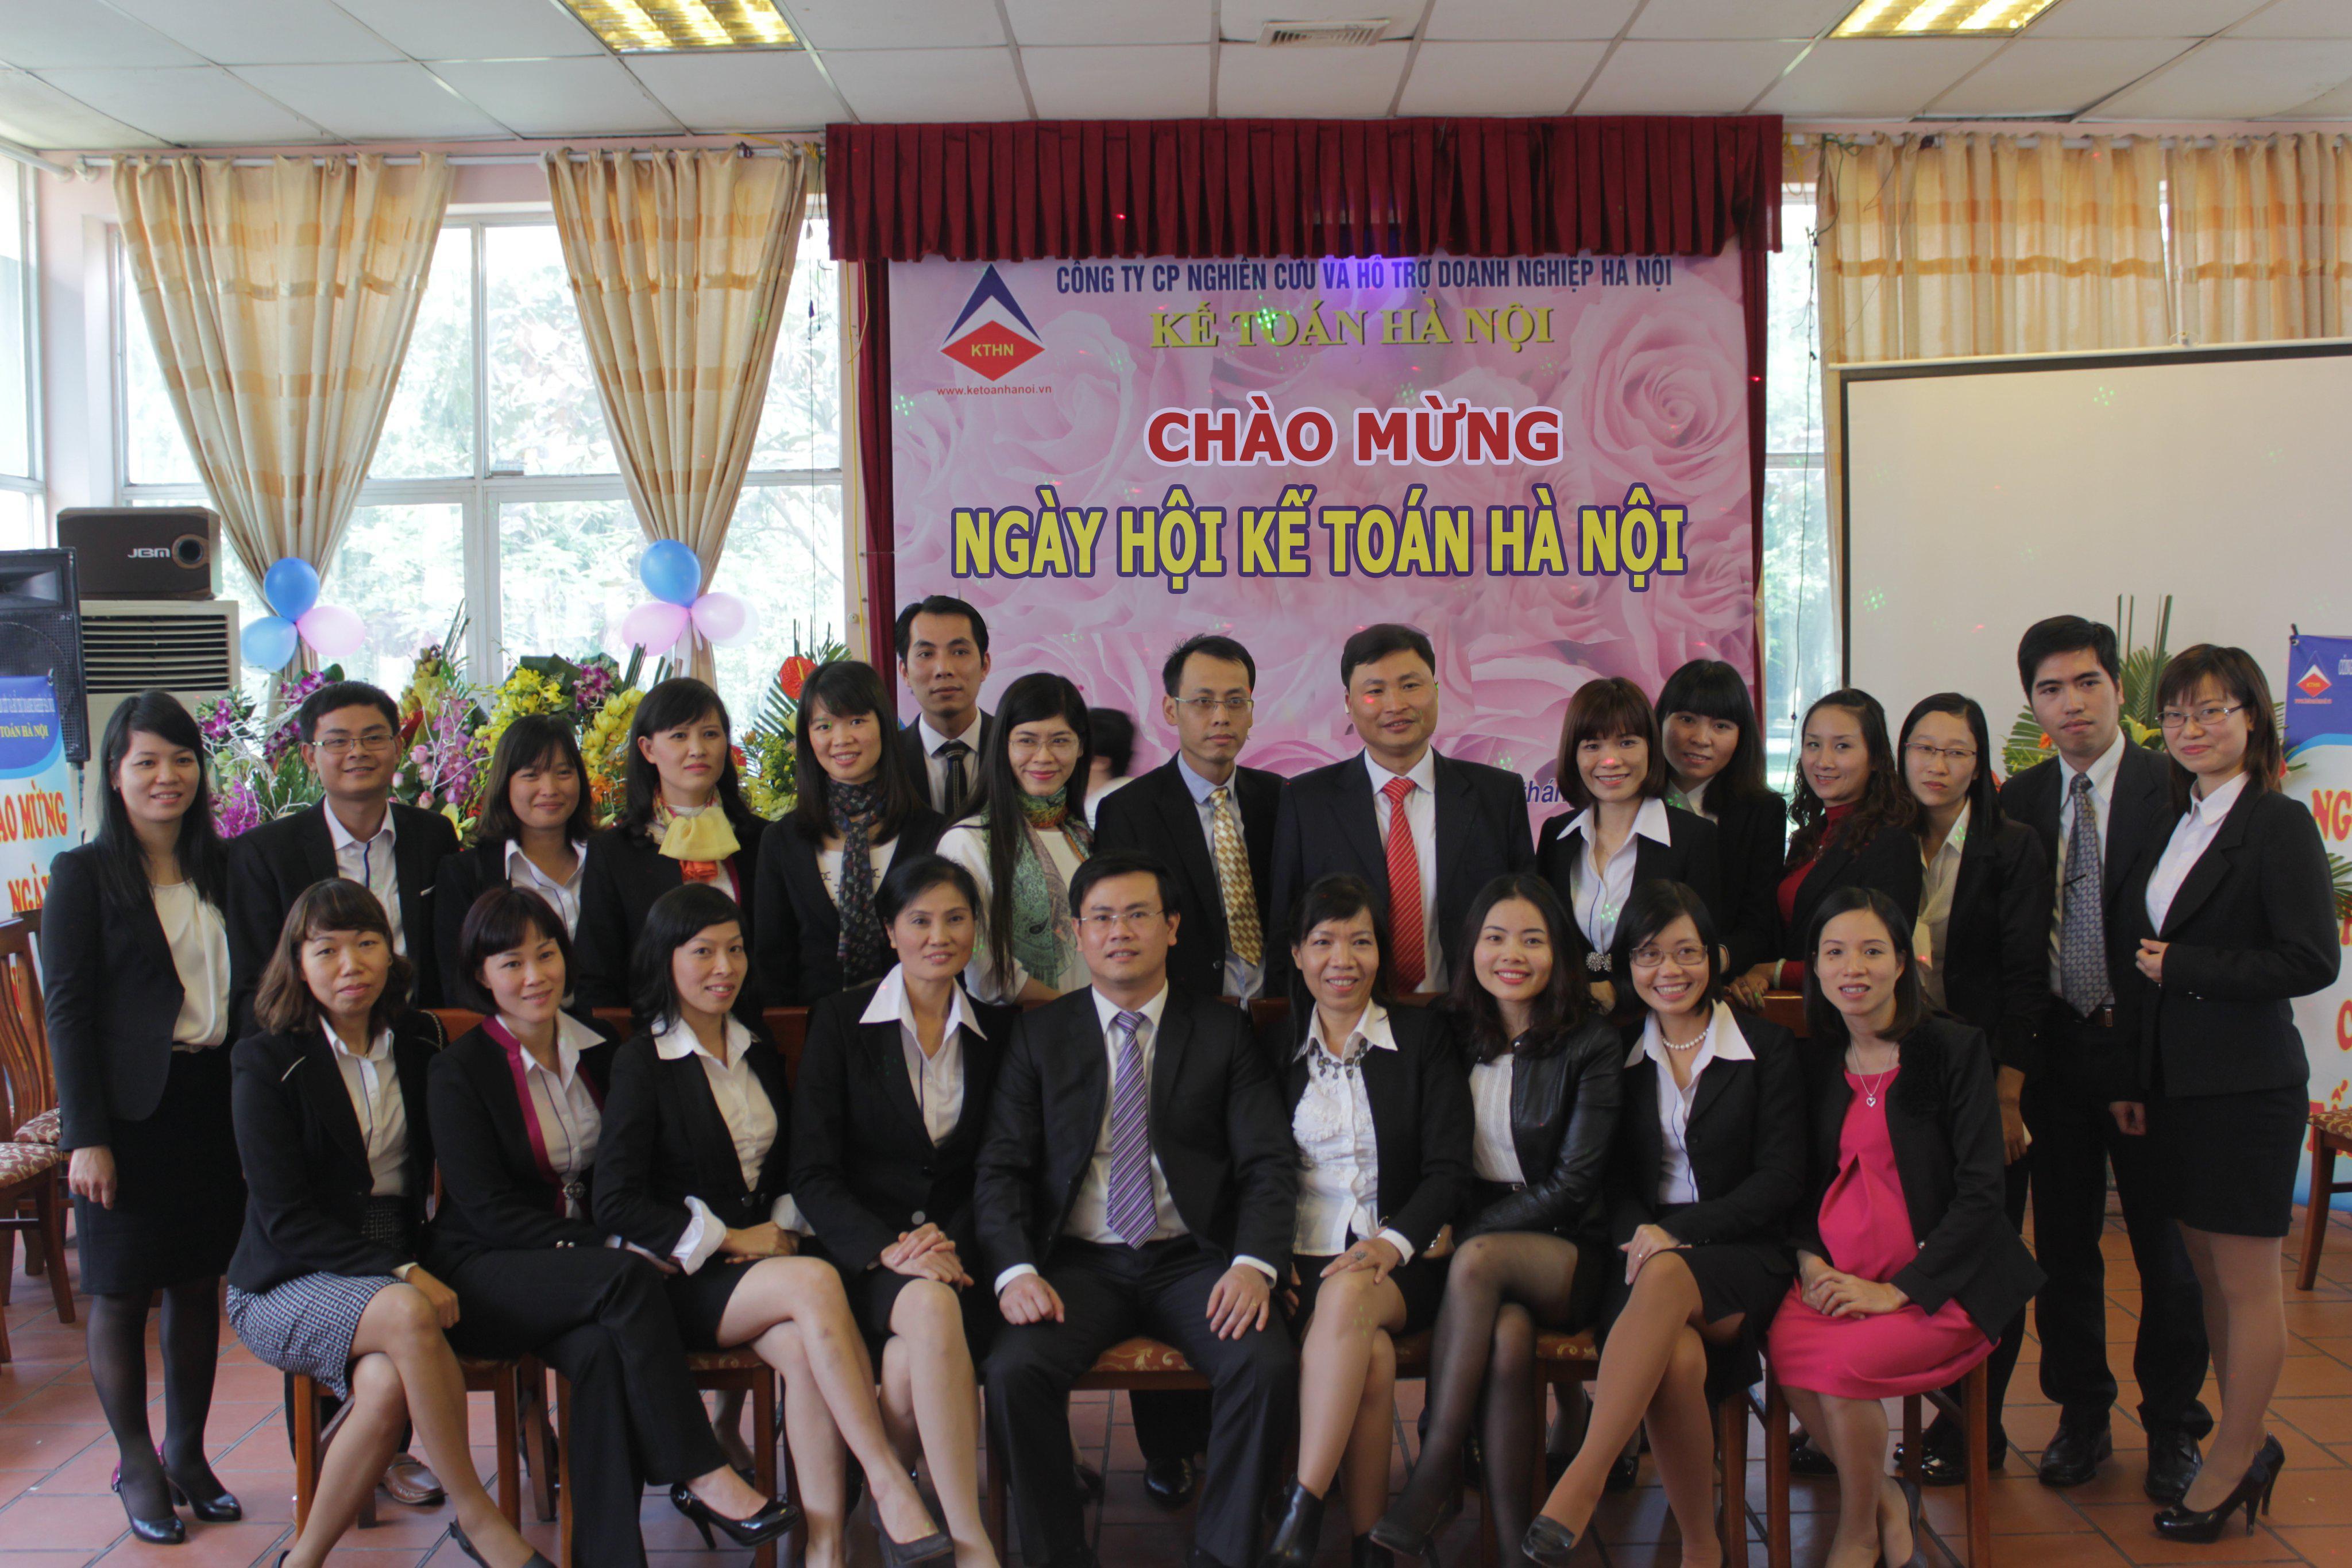 Công ty Cổ phần Kế toán Hà Nội